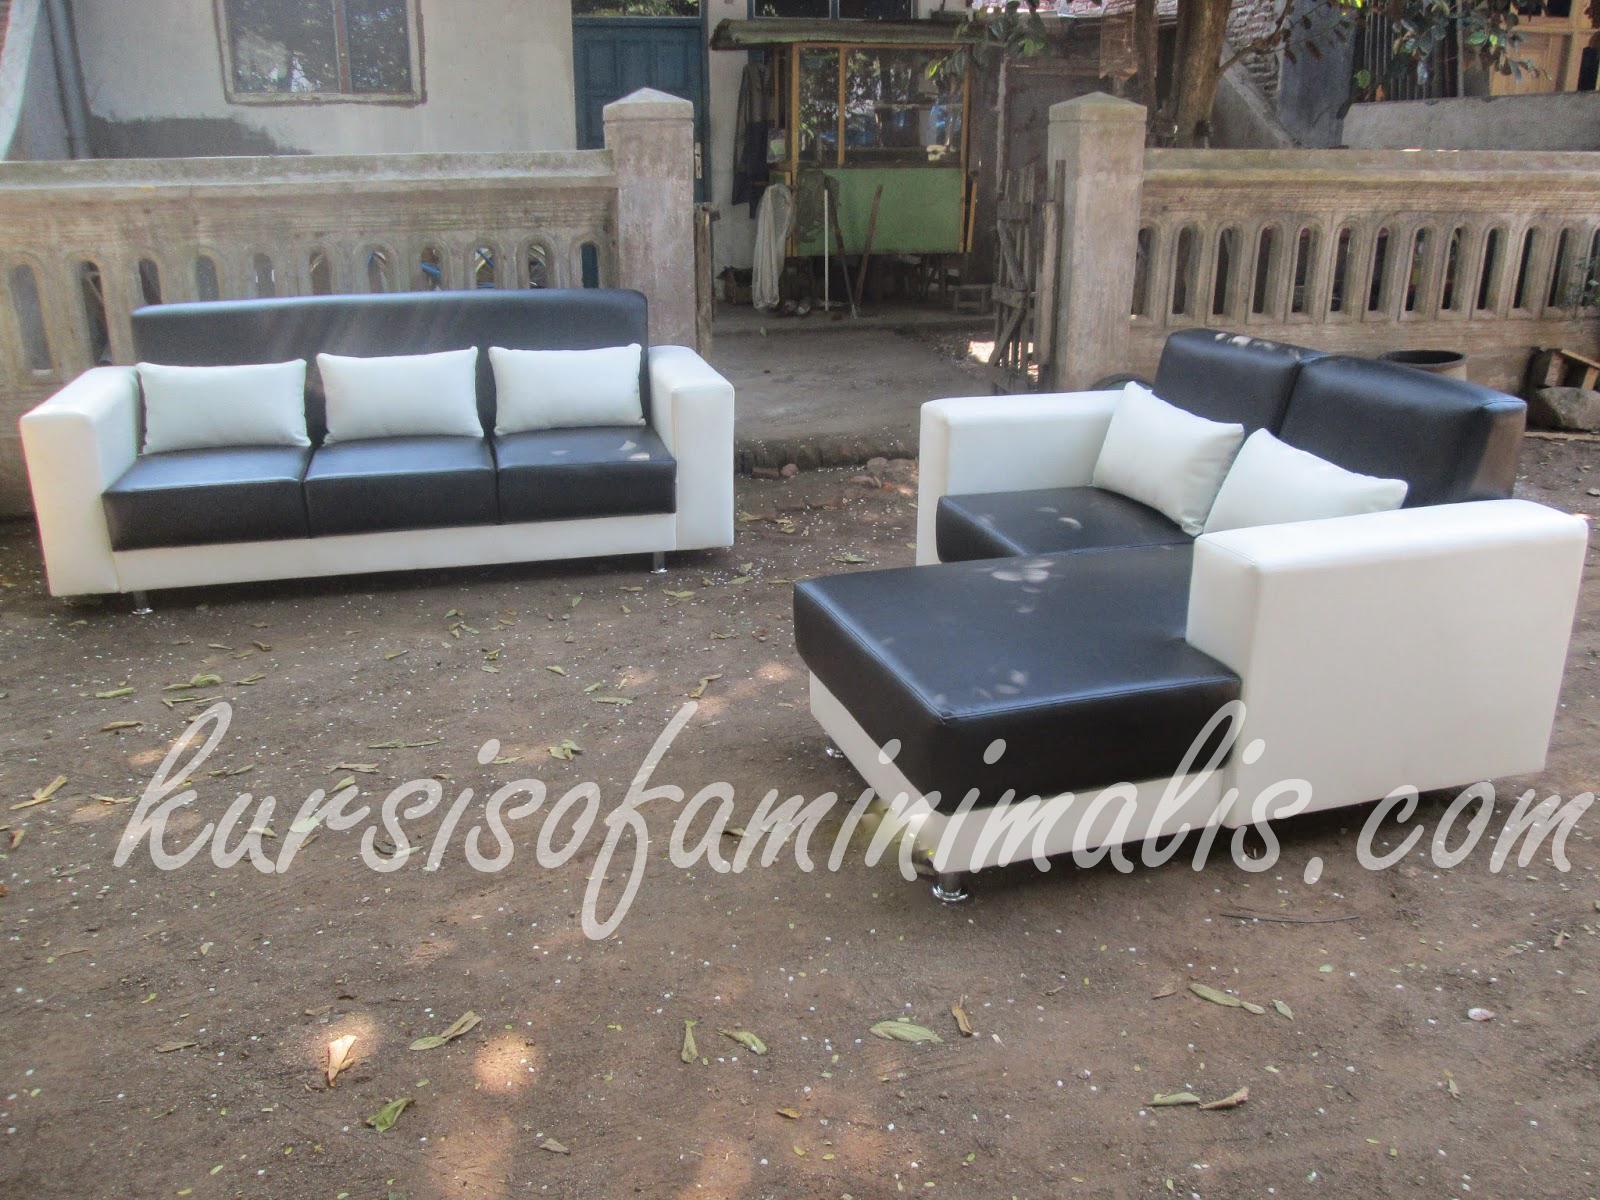 jual sofa bed murah di jakarta selatan how can i dispose of my old harga olx bekas tangerang